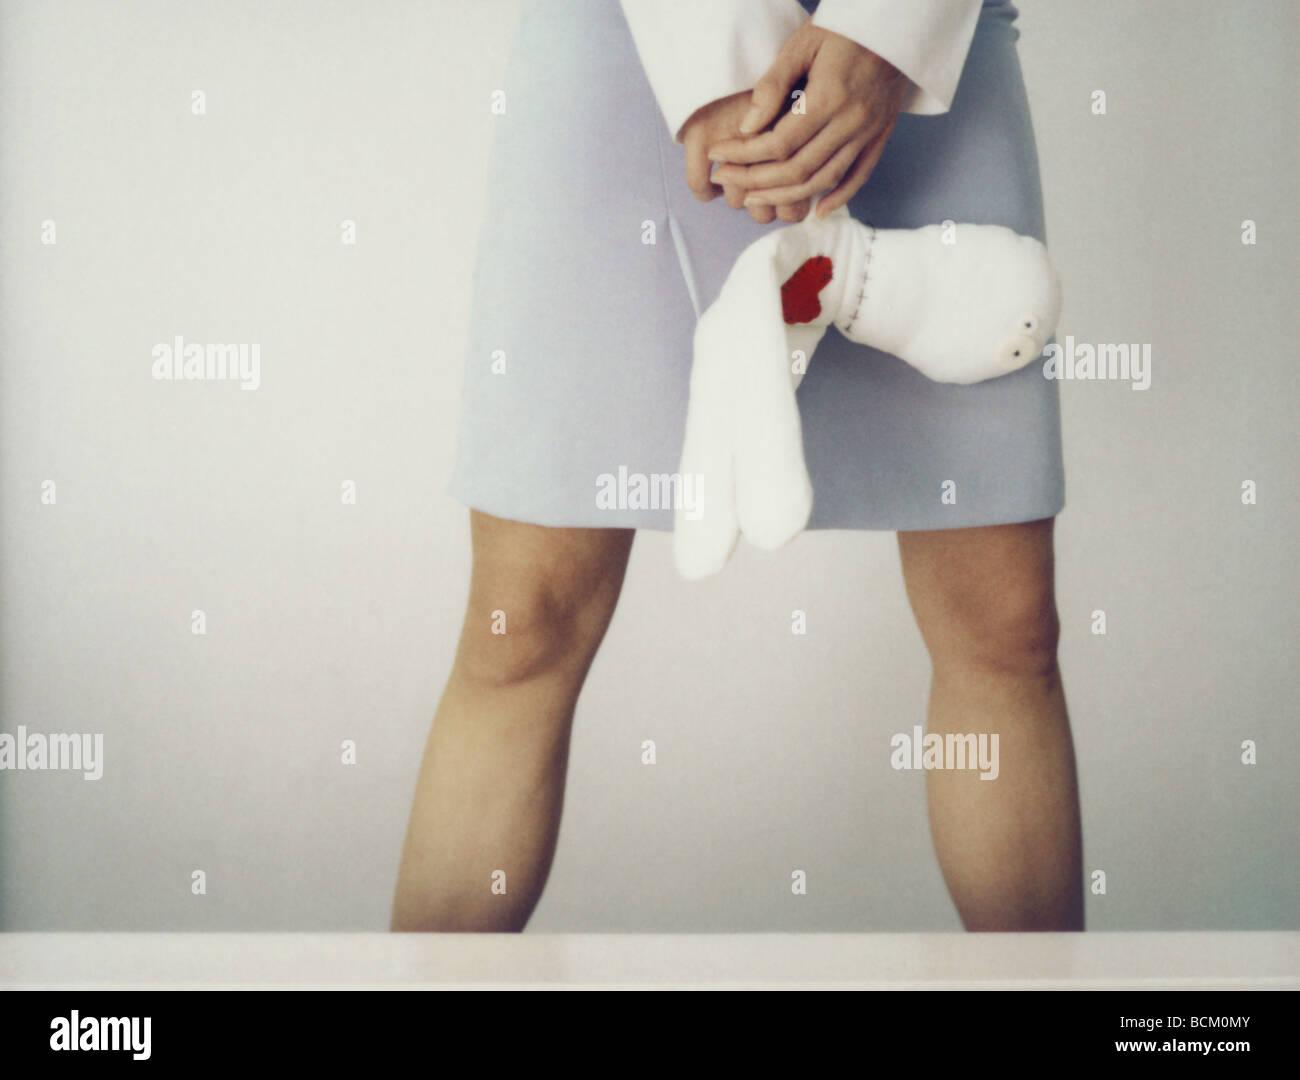 Femme debout avec les jambes écartées, tenant poupée de chiffon dans les mains jointes, cropped view Photo Stock